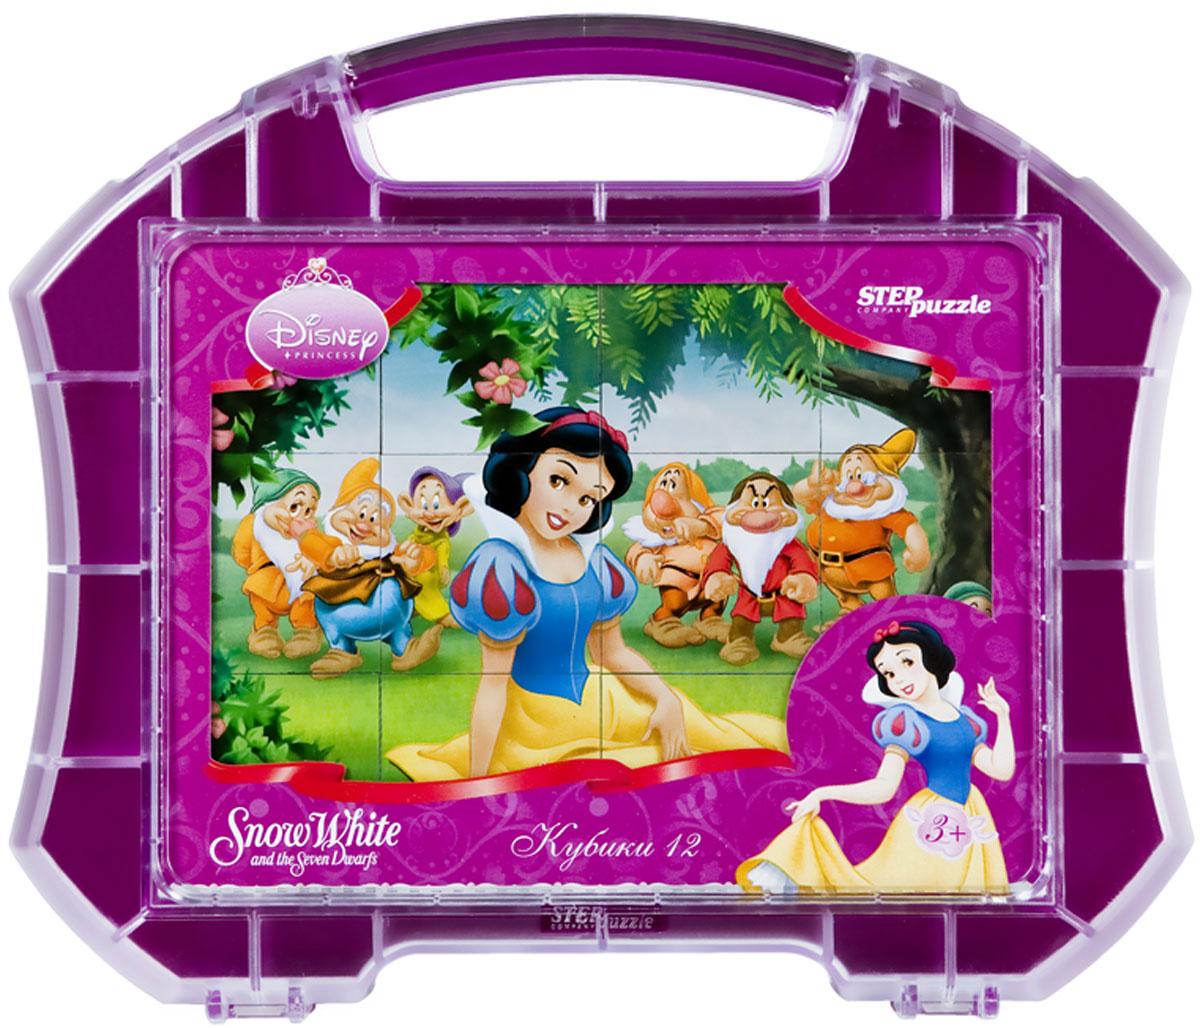 Step Puzzle Кубики Белоснежка в чемоданчике87105С помощью кубиков Step Puzzle Белоснежка ребенок сможет собрать целых шесть красочных картинок с любимой принцессой Диснея. Наборы из 12 кубиков - для тех, кто освоил навык сборки картинки из 9 кубиков. Заложенный дидактический принцип От простого к сложному позволит ребёнку поверить свои силы. А герои популярных мультфильмов сделают кубики любимой игрушкой. Игра с кубиками развивает зрительное восприятие, наблюдательность, мелкую моторику рук и произвольные движения. Ребенок научится складывать целостный образ из частей, определять недостающие детали изображения. Это прекрасный комплект для развлечения и времяпрепровождения с пользой для малышки.